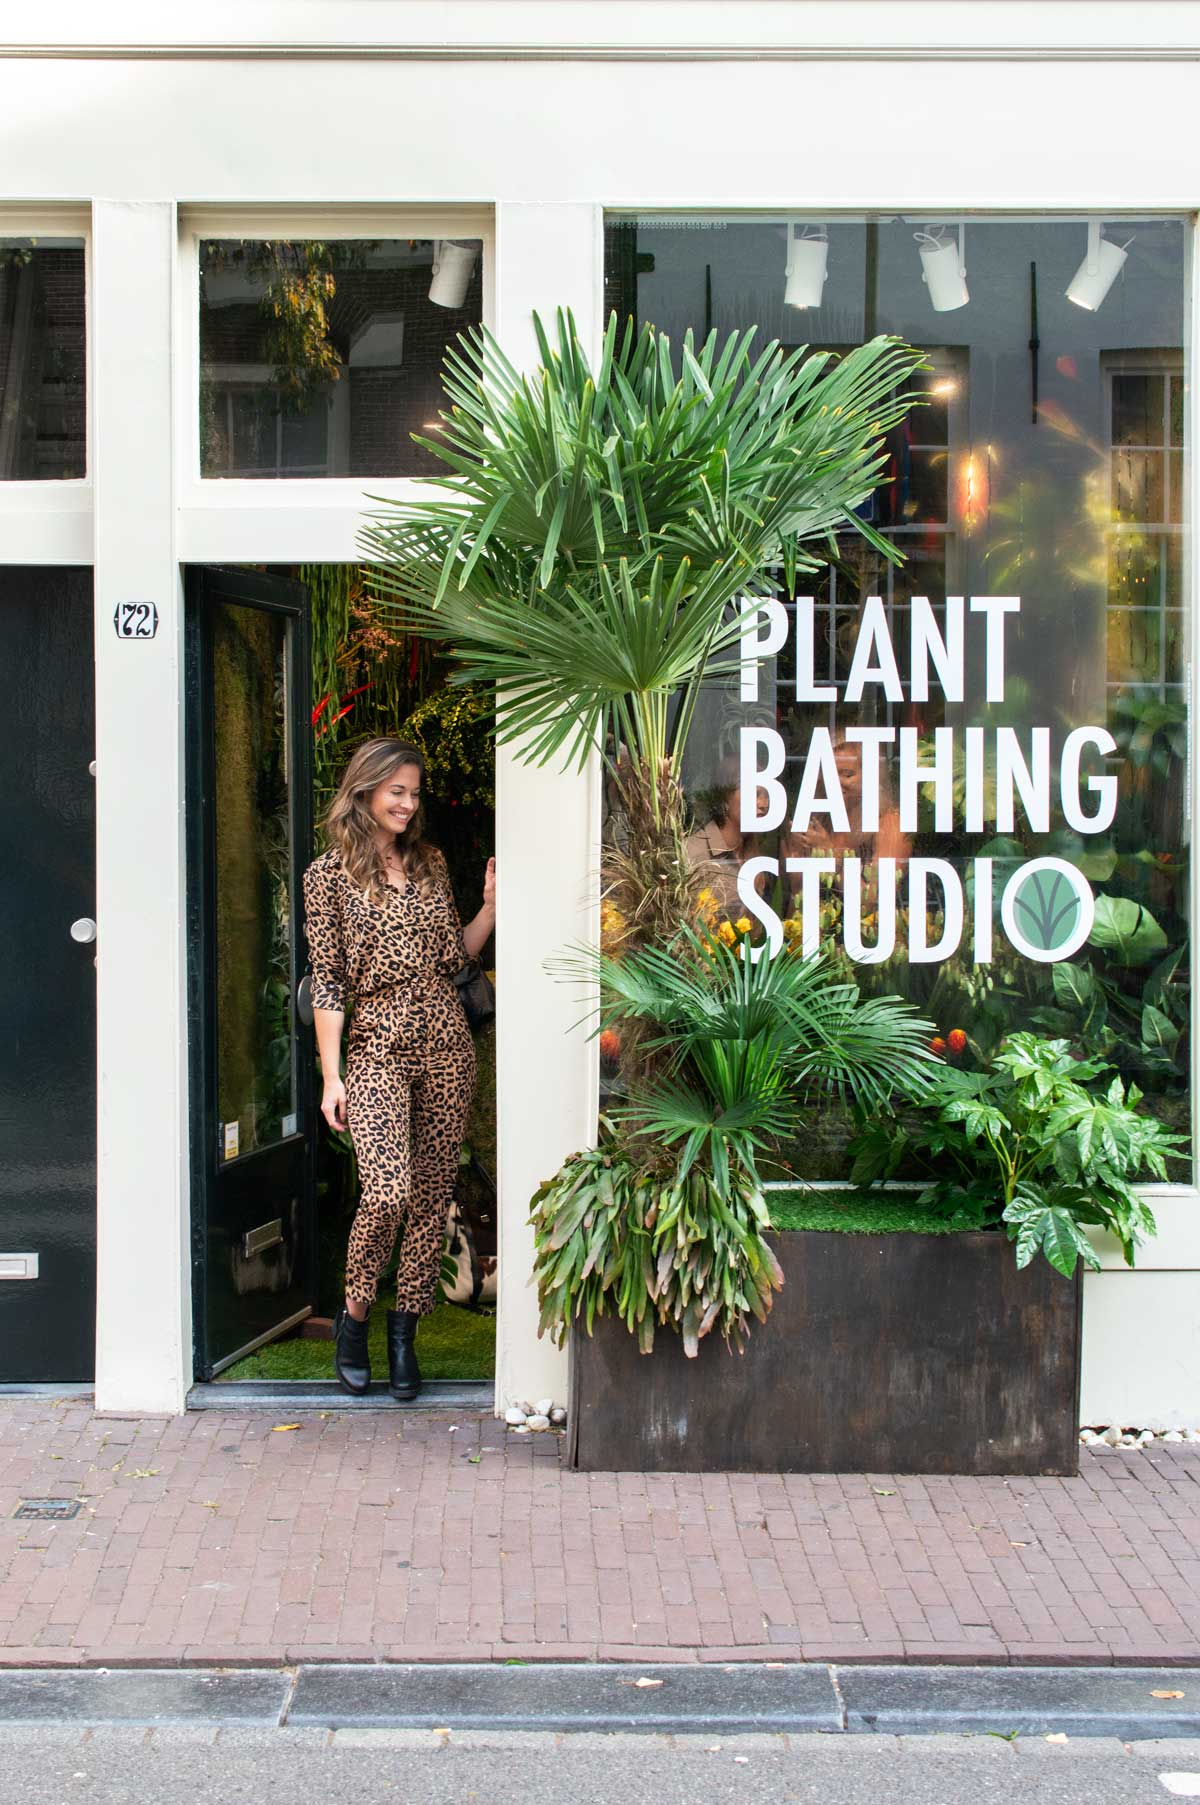 Plant Bathing Studio Amsterdam - Tanja van Hoogdalem